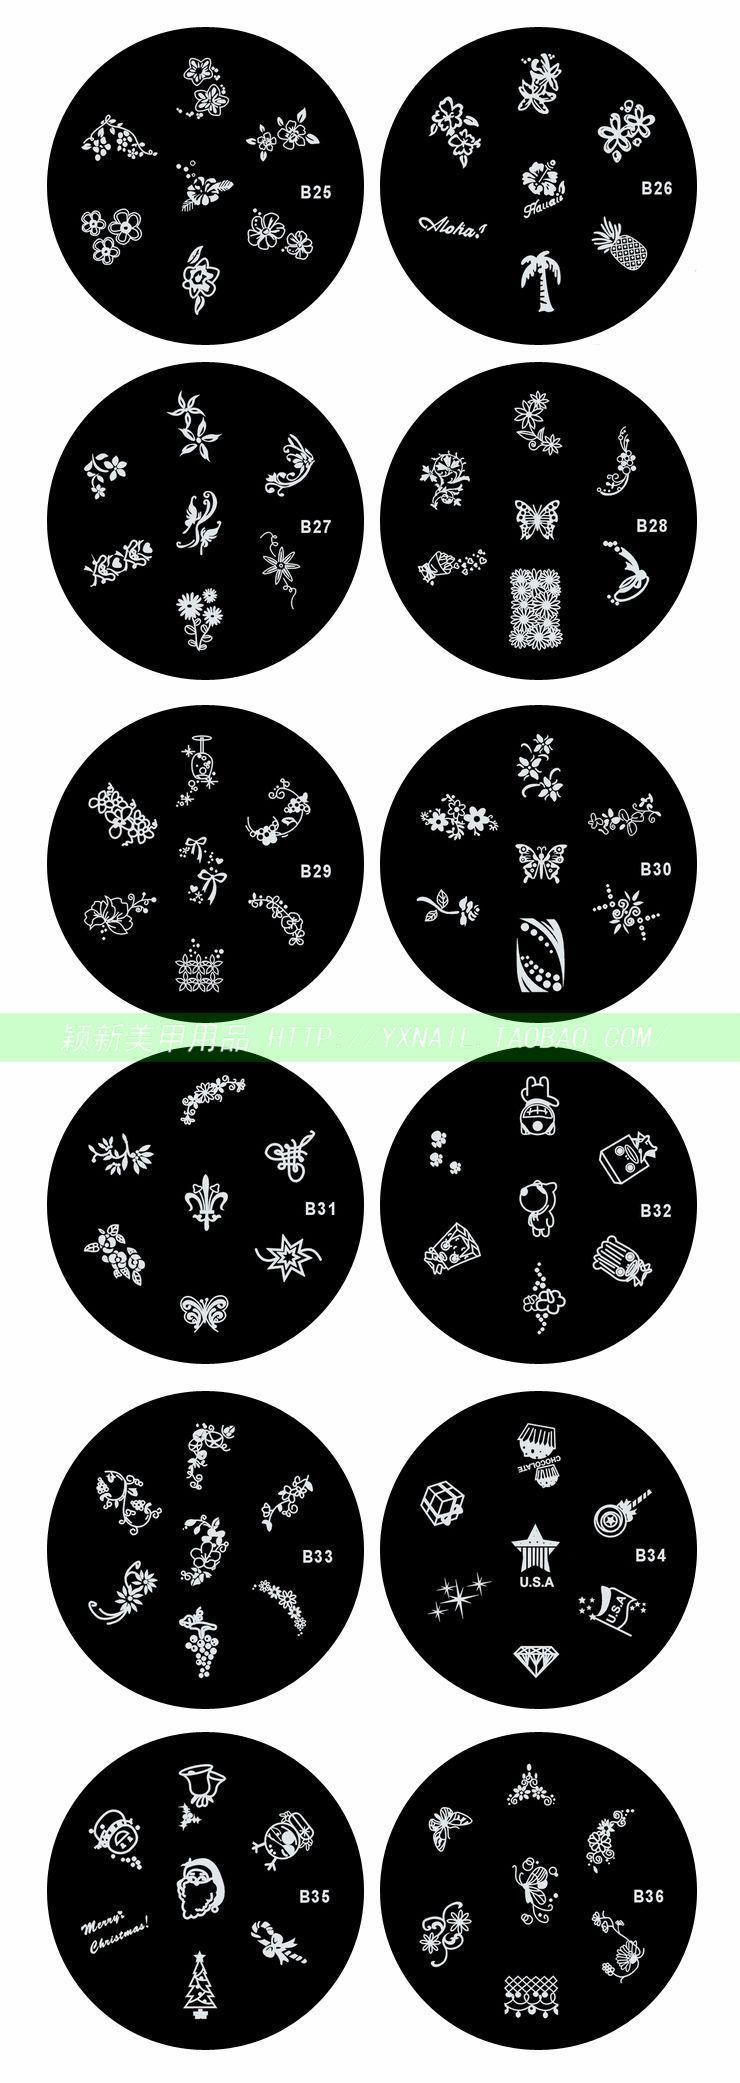 1000x de boa qualidade de aço inoxidável Nail Art Stamp Stamping placa de metal de impressão de imagem modelo de Design de 120 modelos